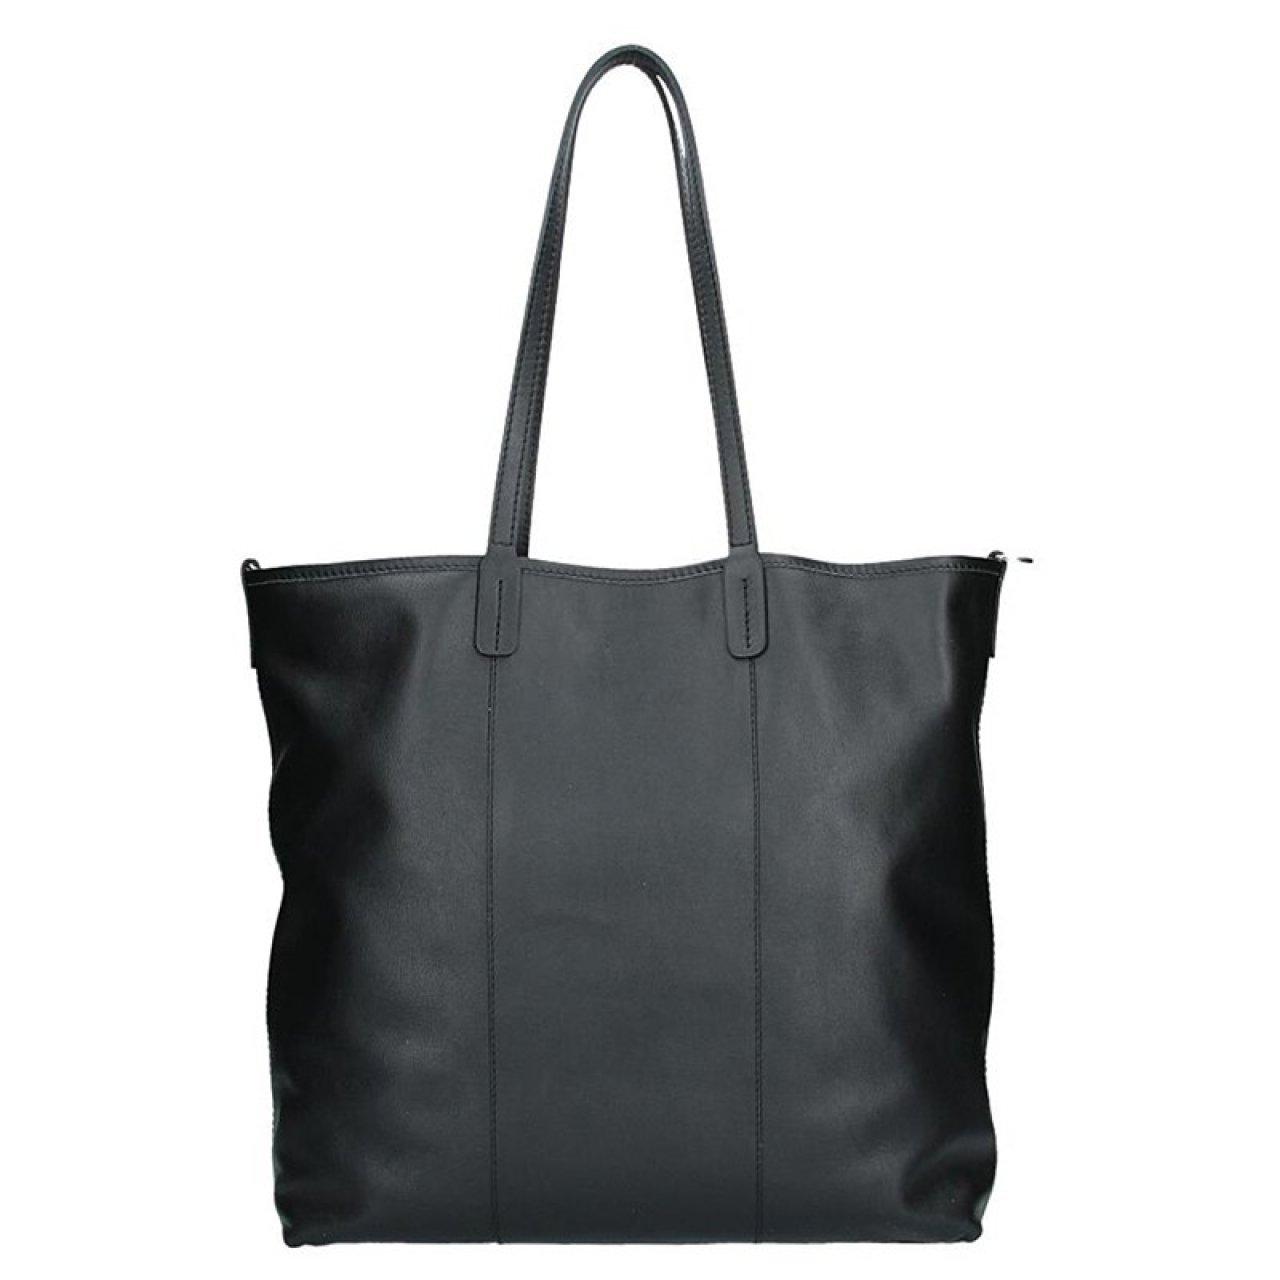 6fec41de790 Dámská kožená kabelka Facebag Gwen - černá